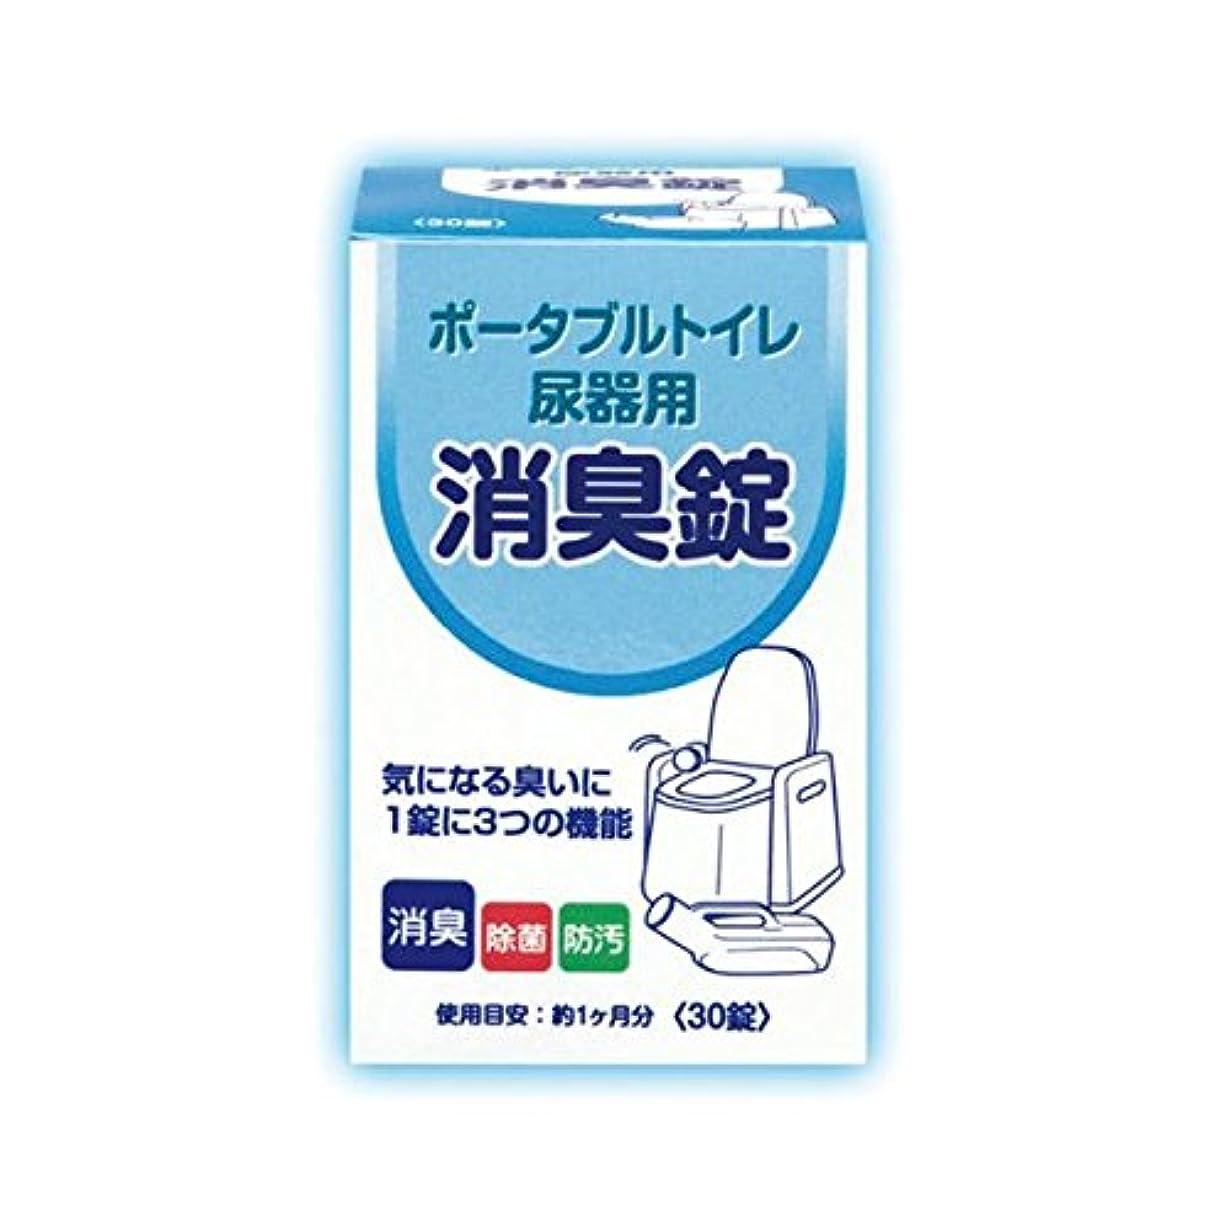 (業務用10セット) 浅井商事 ポータブルトイレ?尿器用消臭錠30錠 ds-1913484